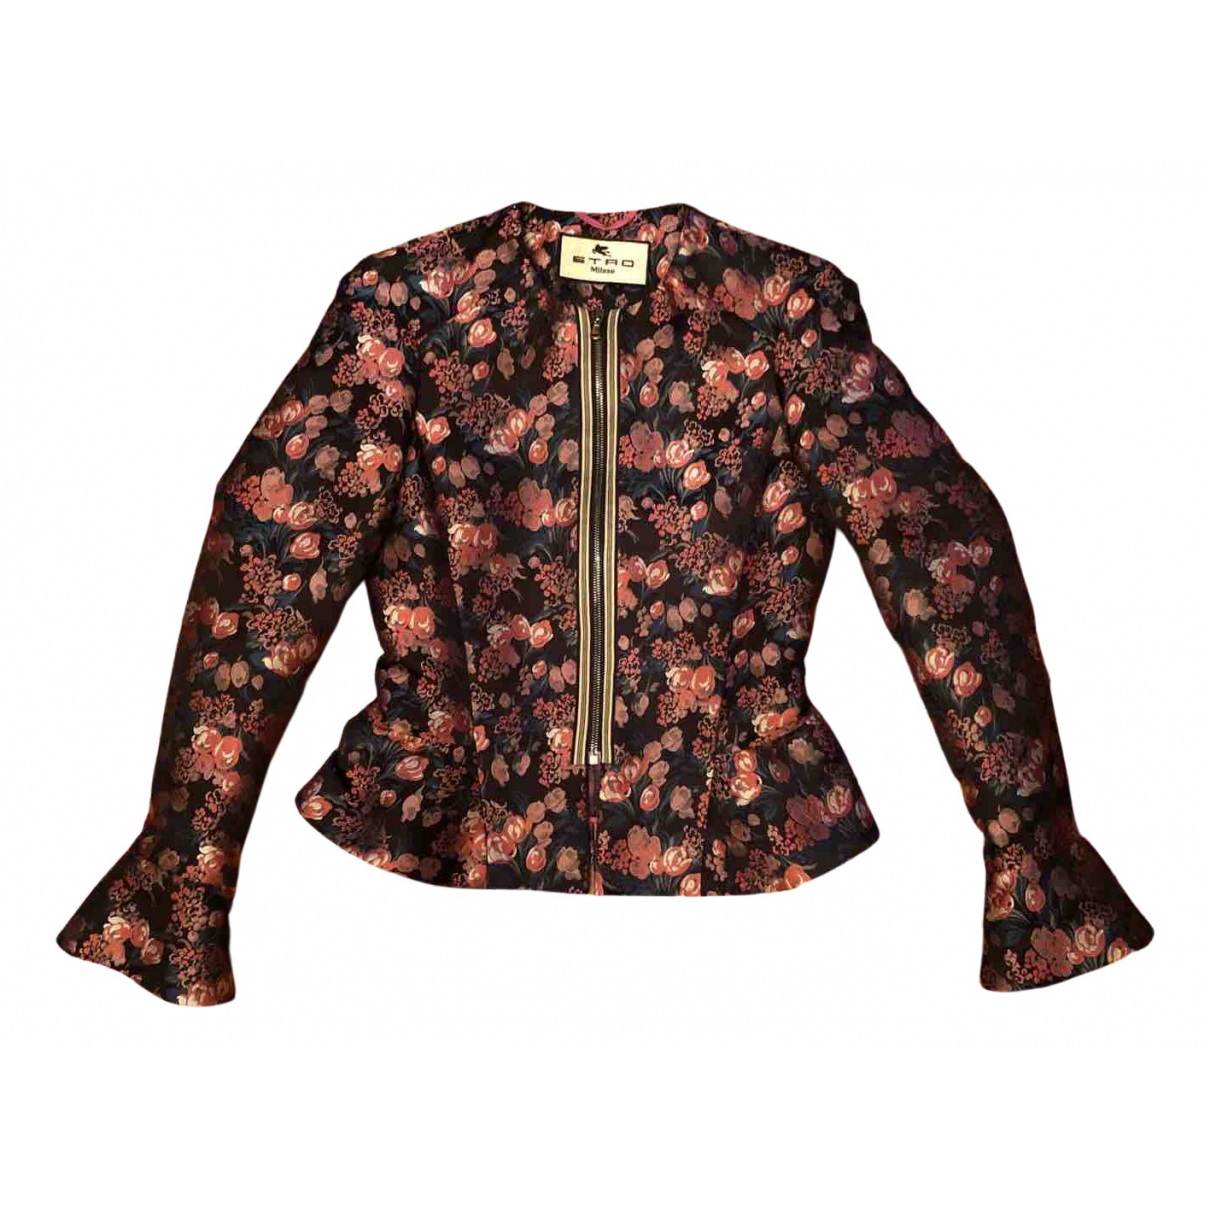 Etro - Veste   pour femme - multicolore